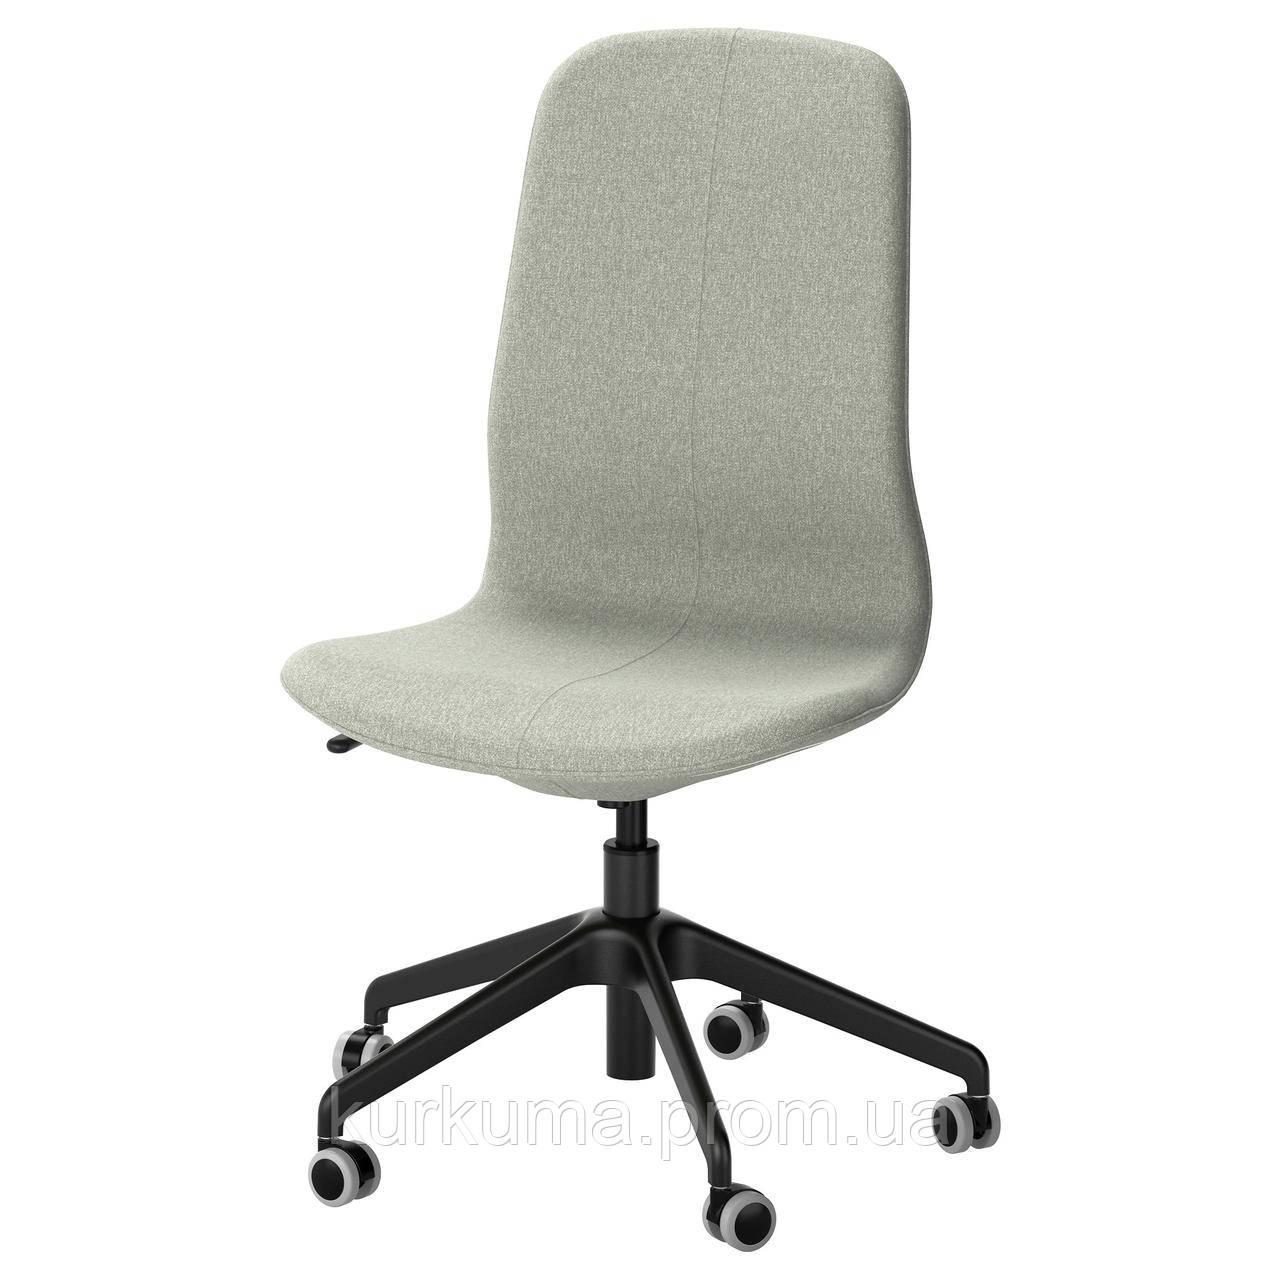 IKEA LANGFJALL Робочий стілець, світло-зелений, чорний (091.777.54)